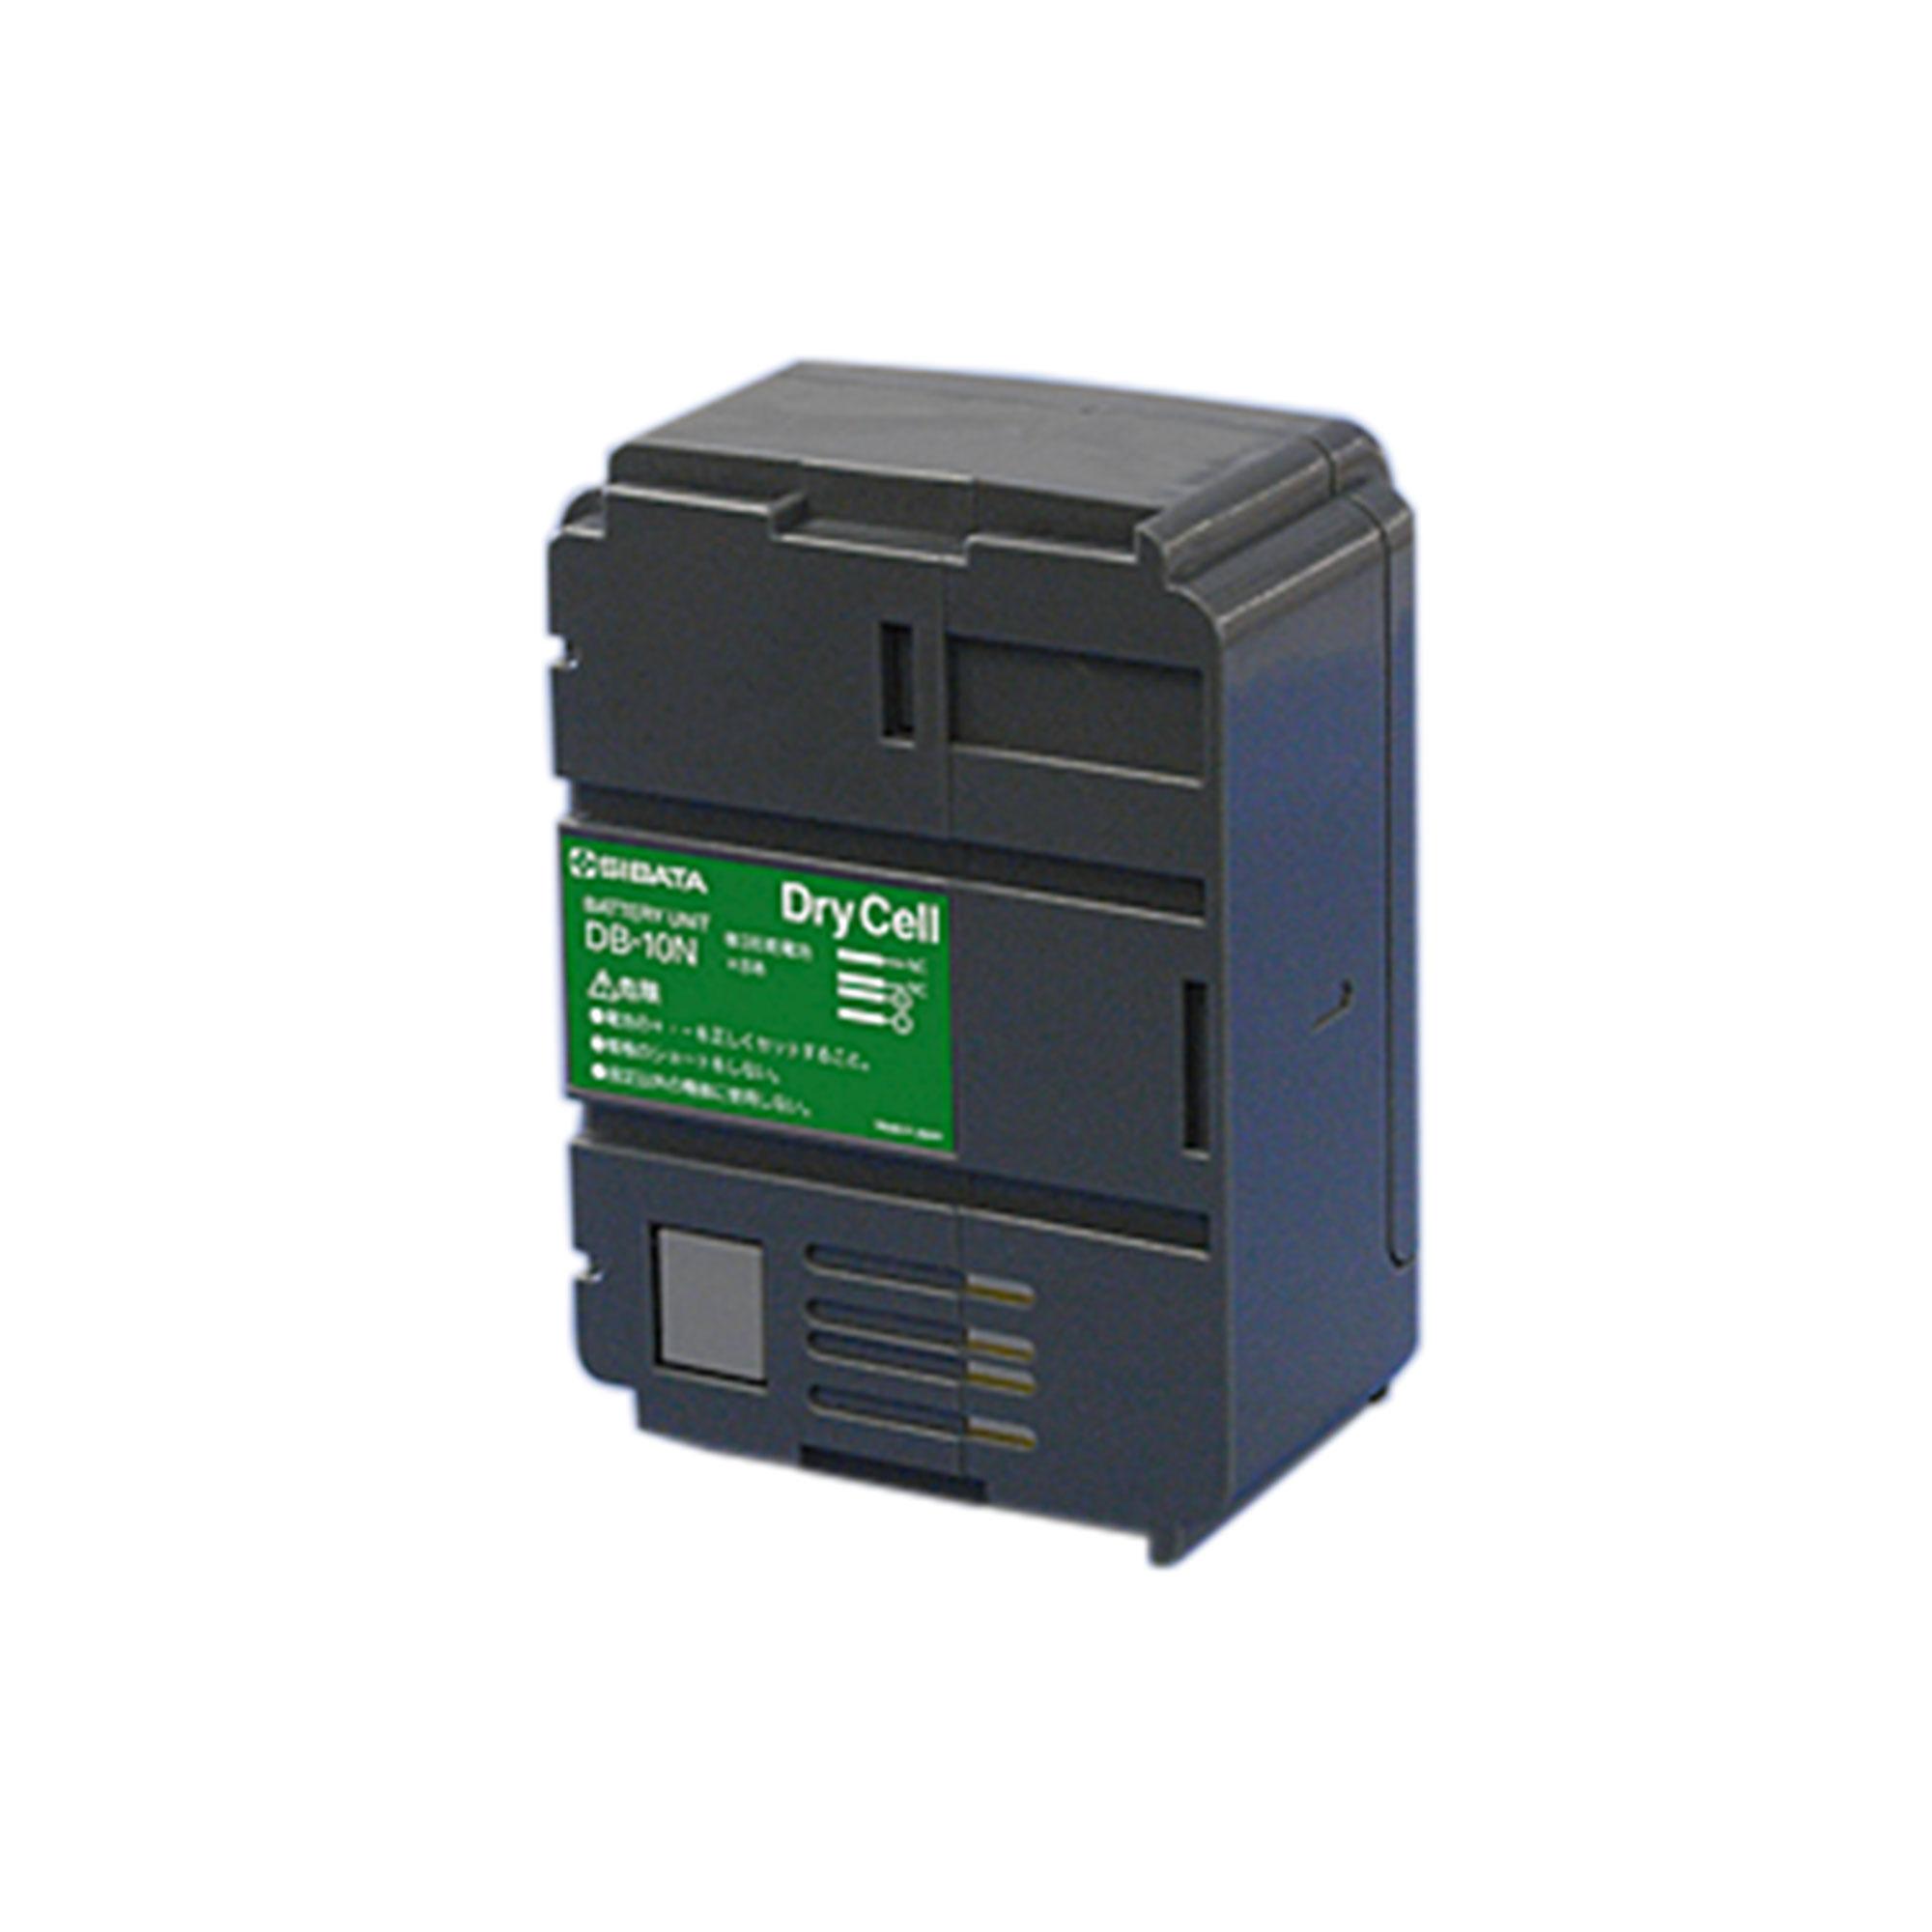 乾電池ユニット DB-10N